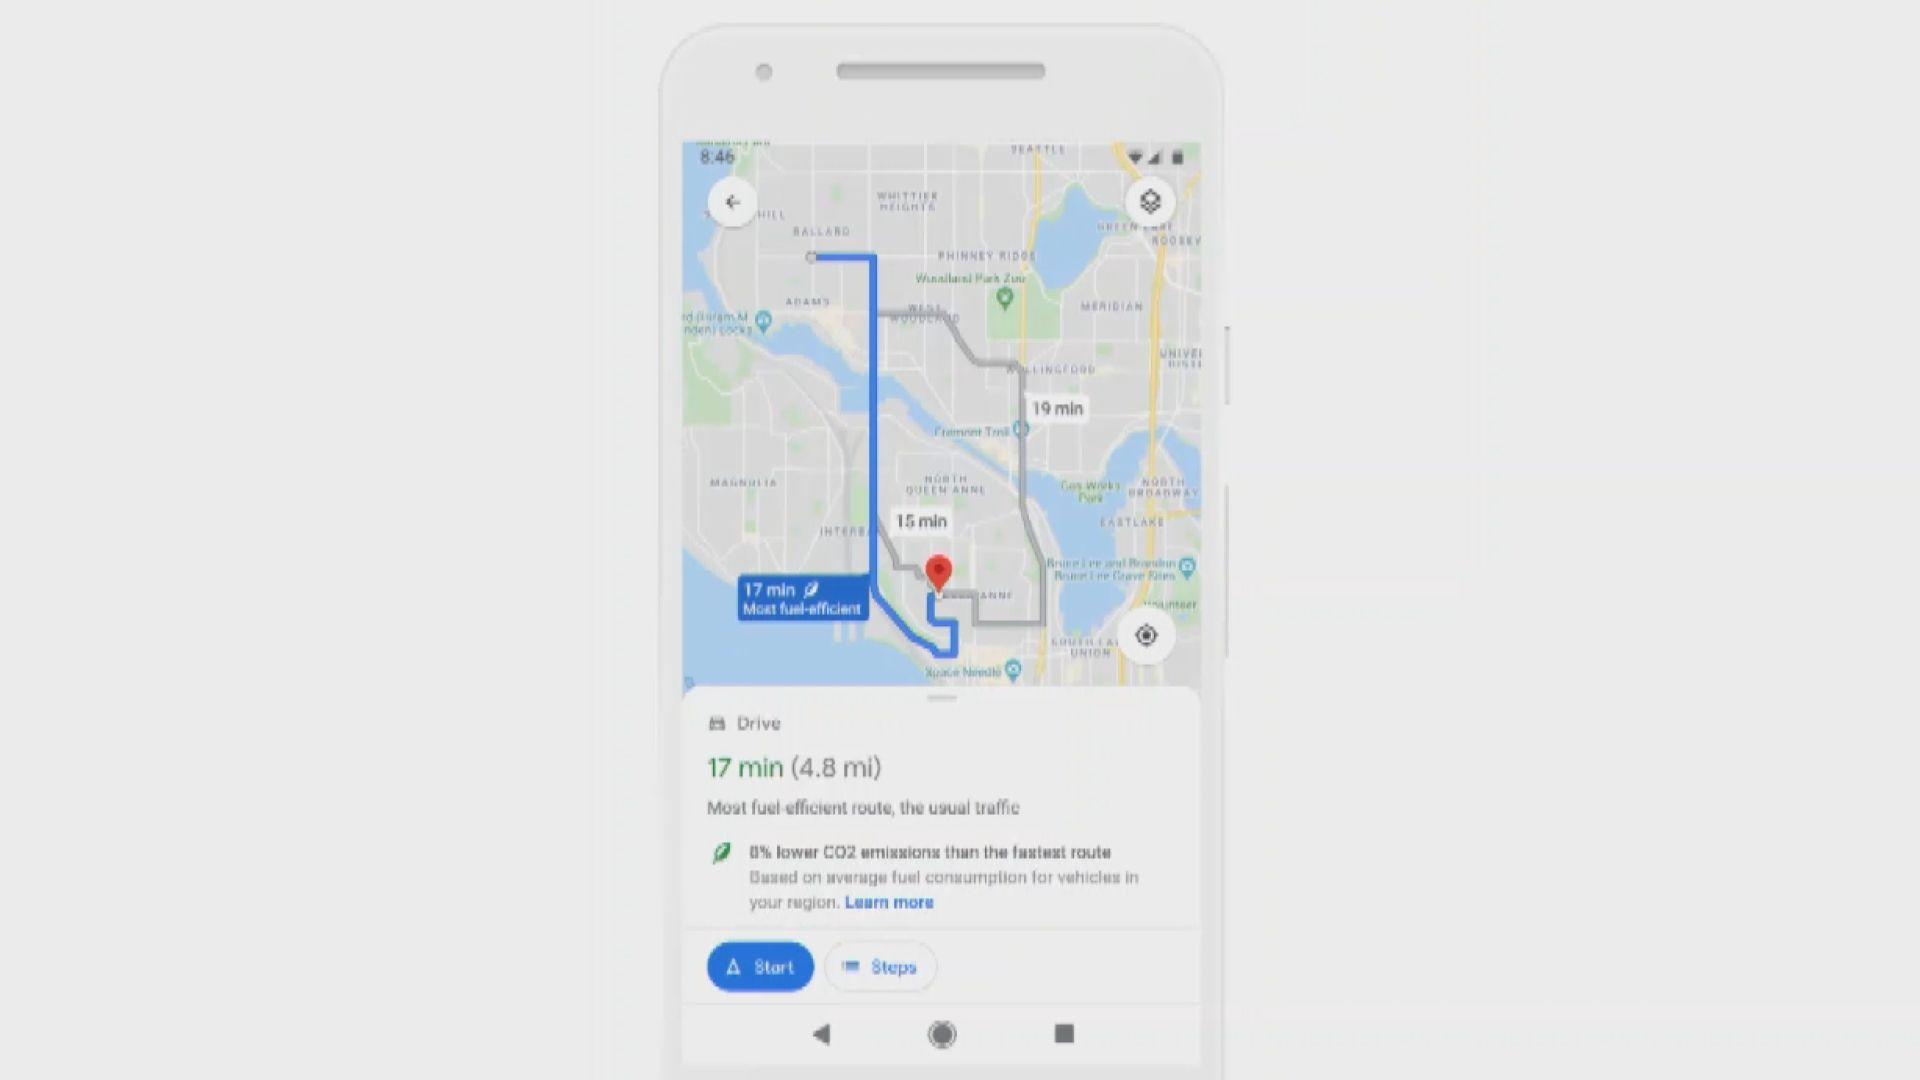 【環球薈報】Google Maps將加入新功能助司機選擇低碳路線